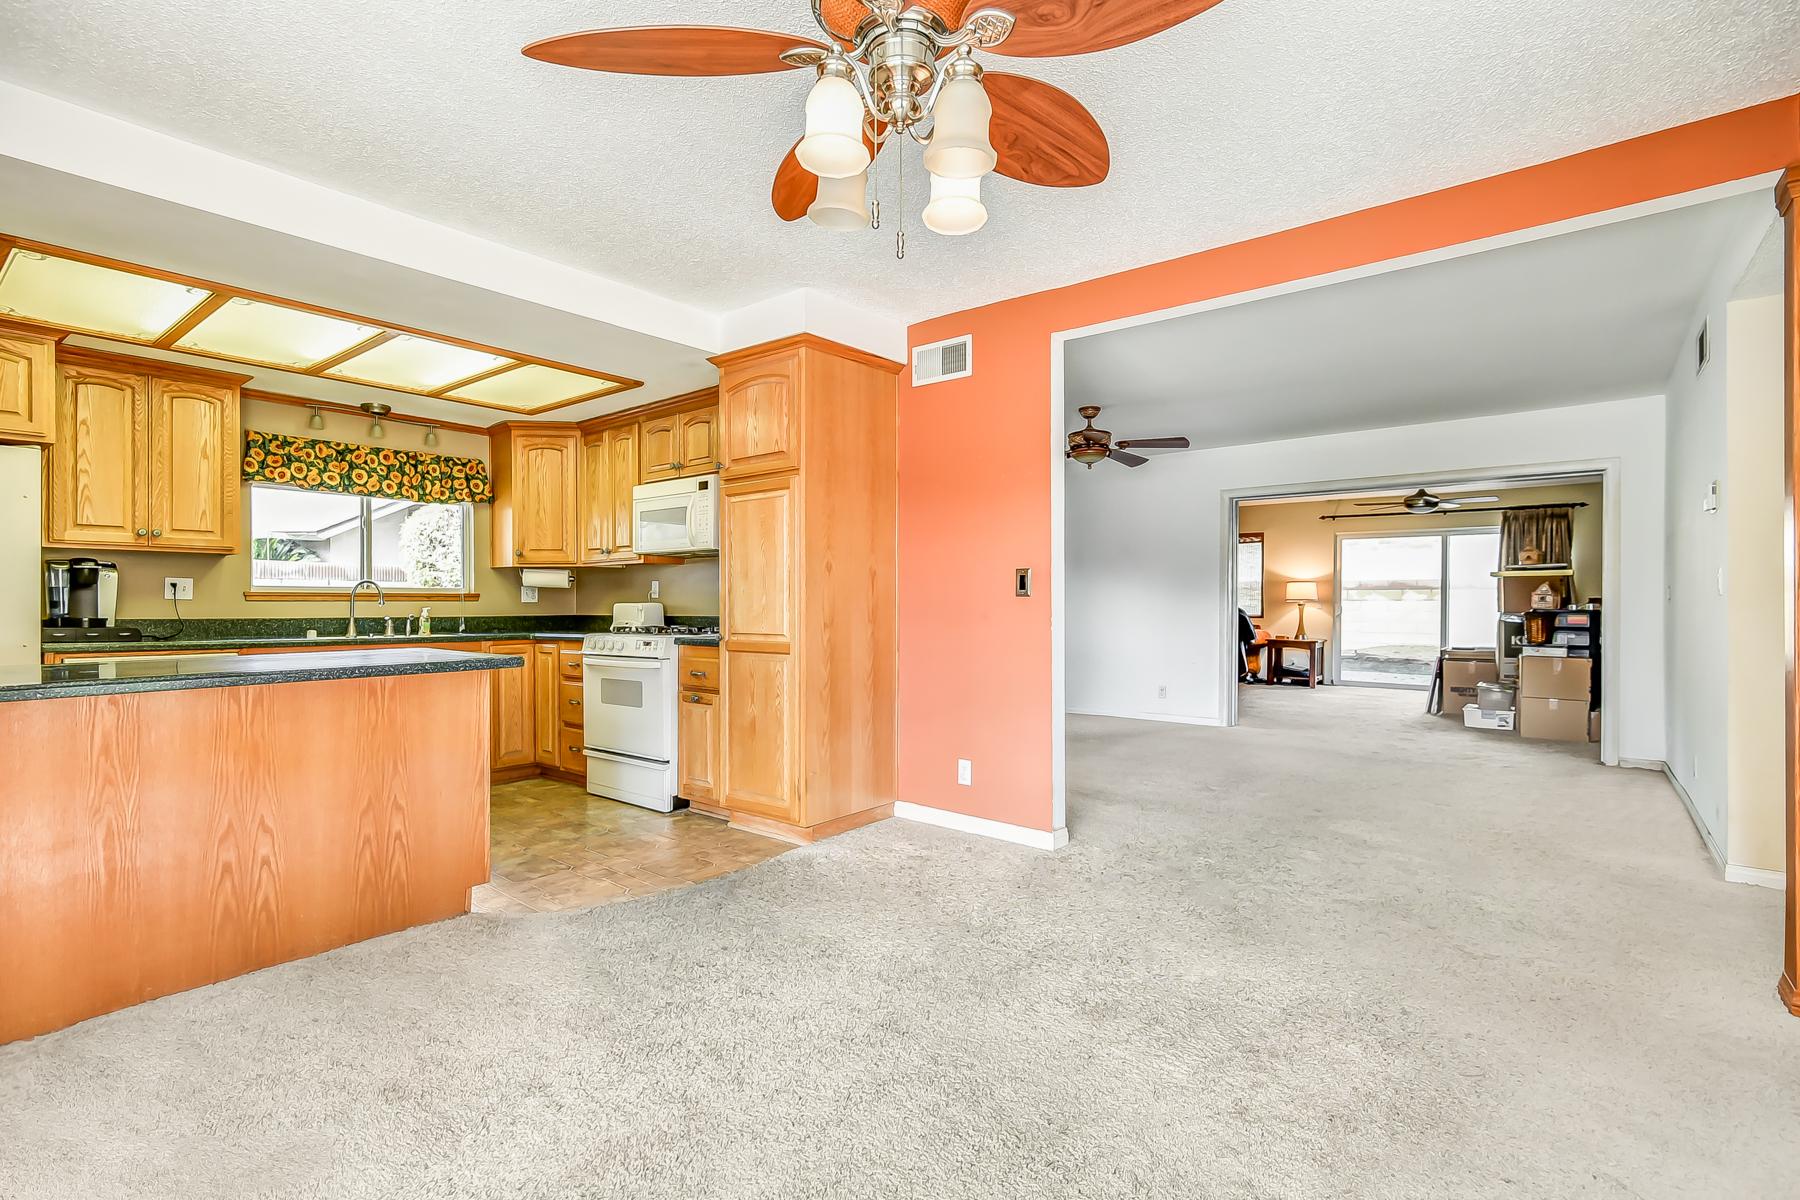 4bed 3bath house